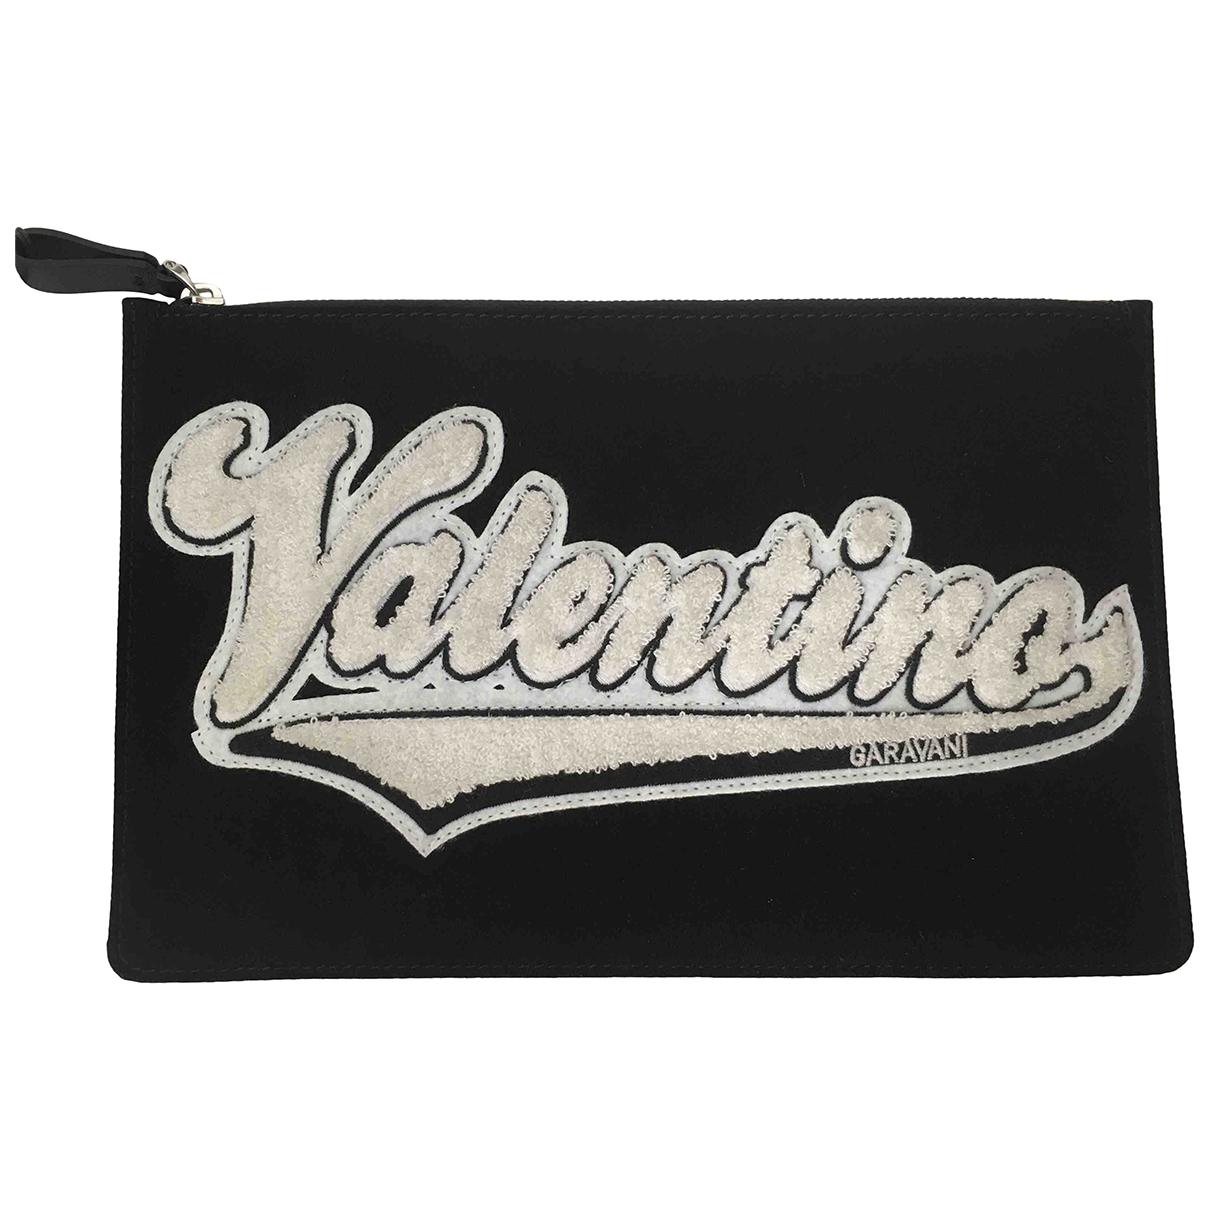 Valentino Garavani - Petite maroquinerie   pour homme en toile - noir